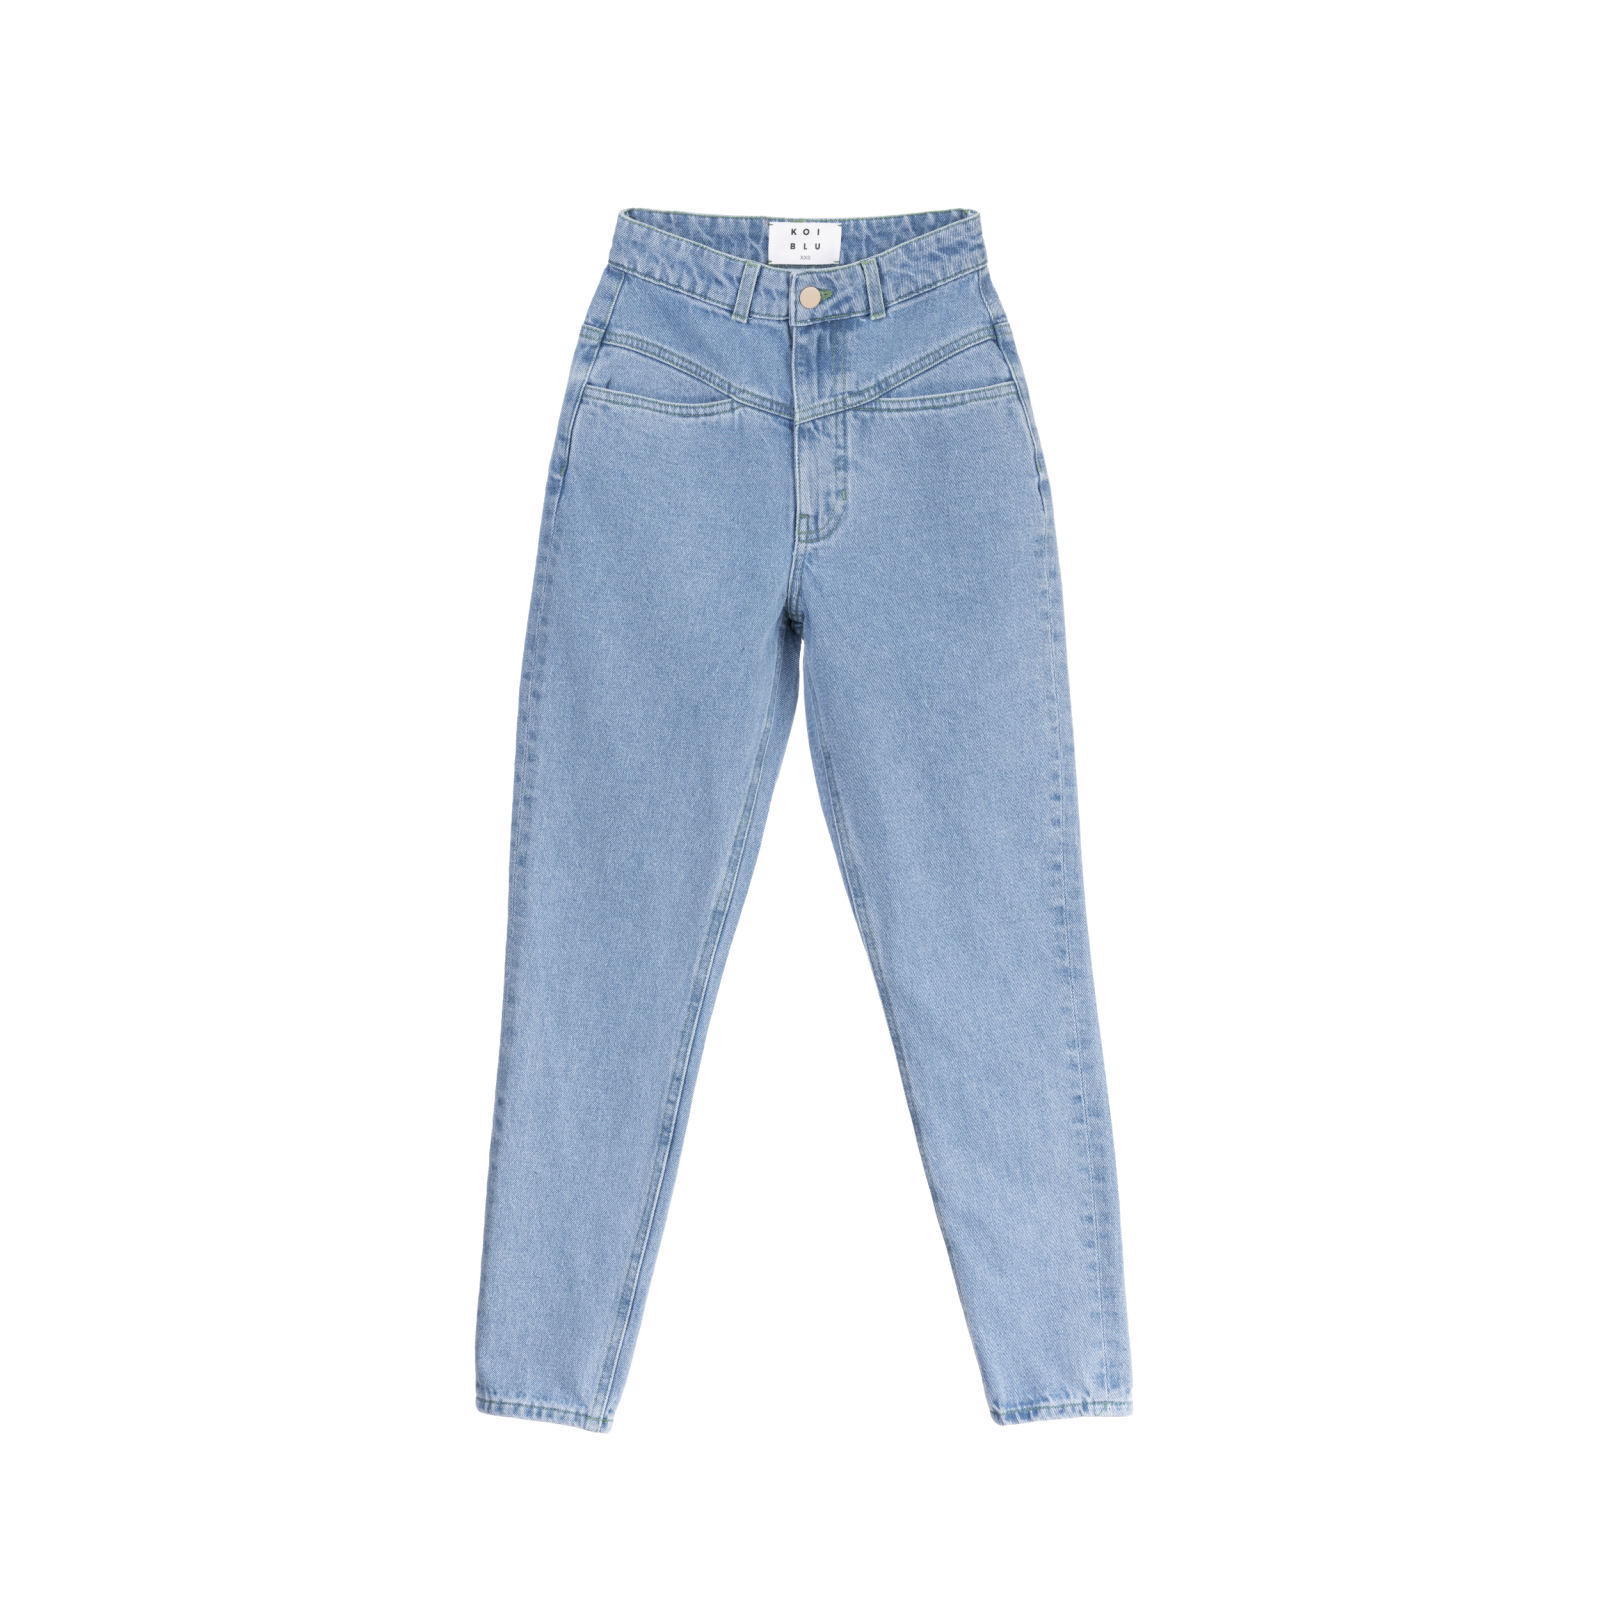 شلوار جین زنانه کوی مدل نامادری رنگ آبی روشن -  - 1